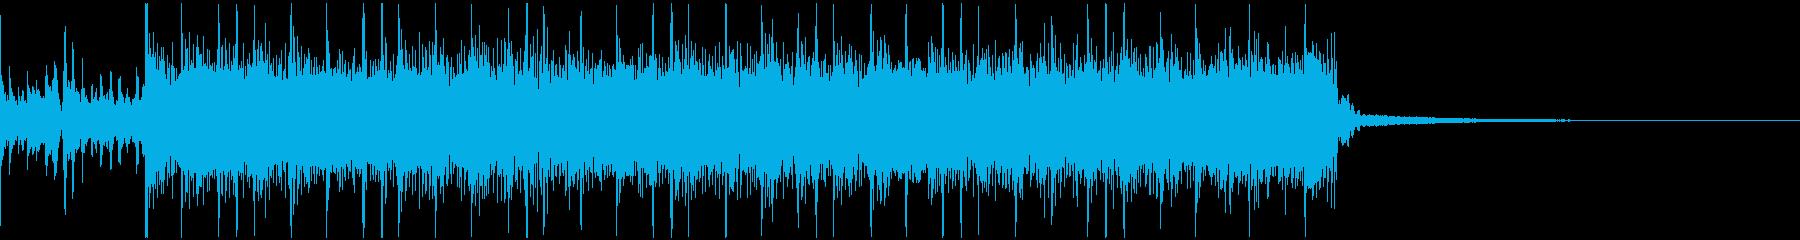 シンプルなメタルリフジングルの再生済みの波形